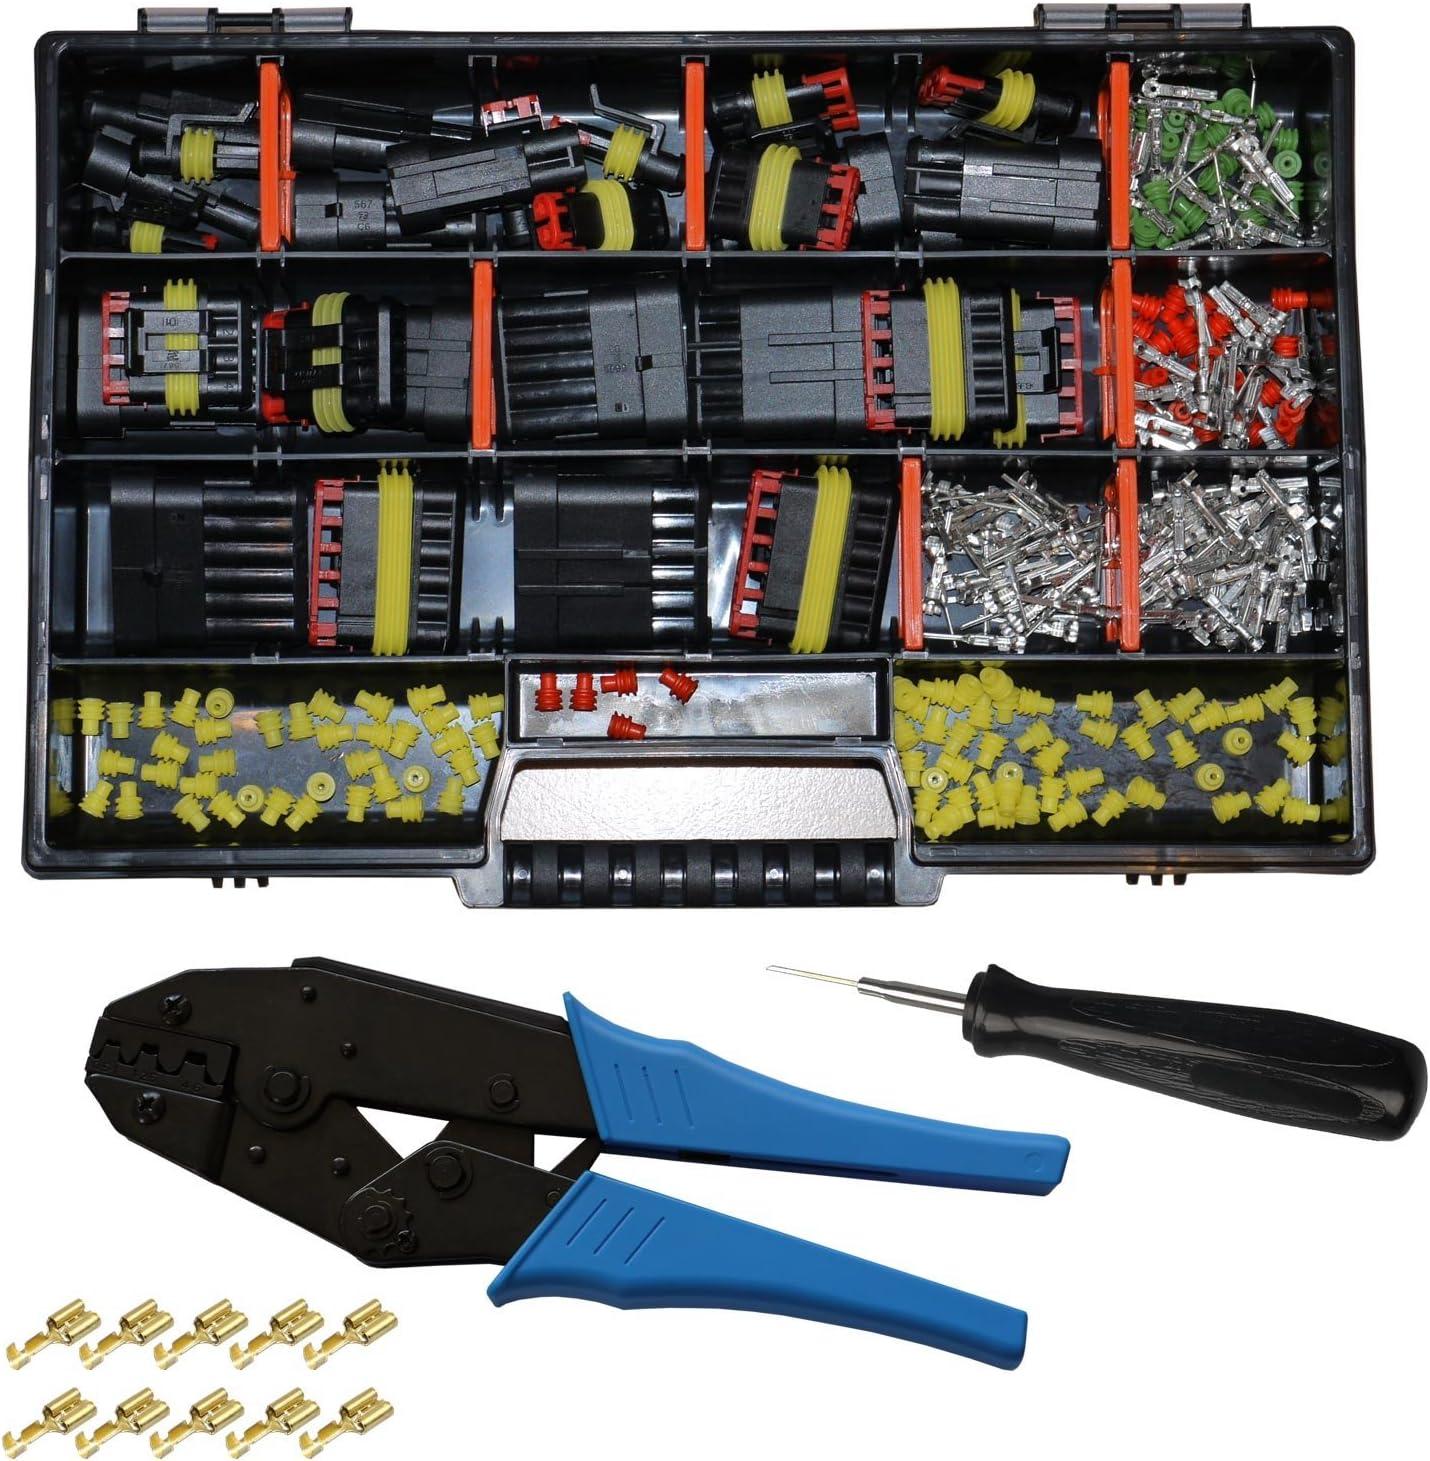 AMP Superseal Gehäuse Set 3-polig inkl.Gehäuse Kontakten Einzeladerdichtungen